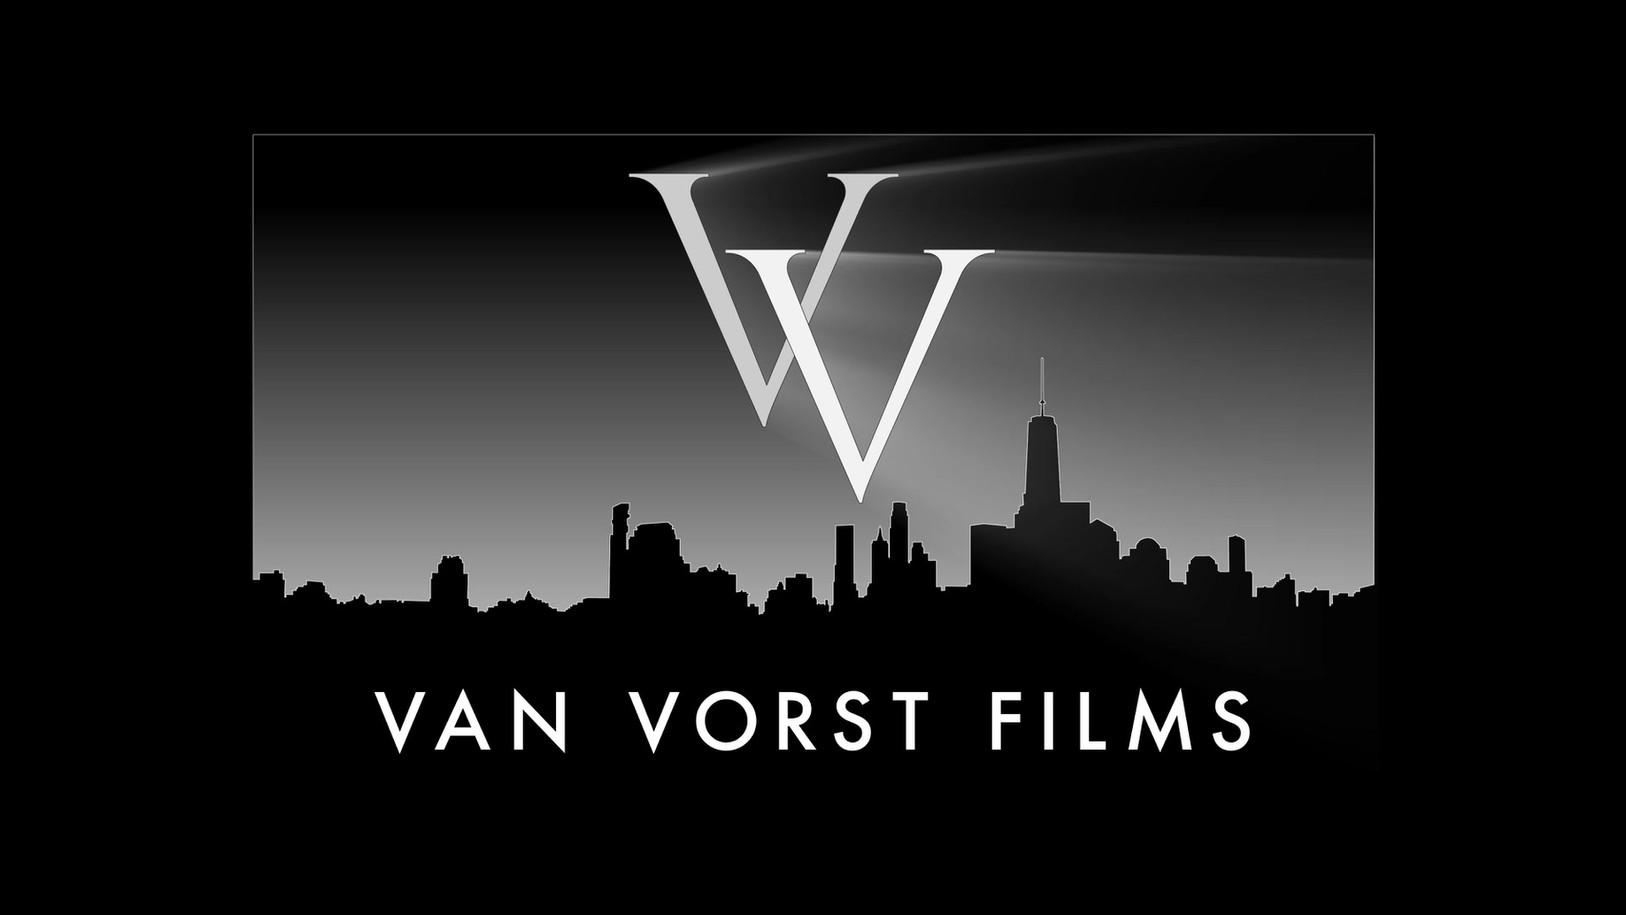 Logo for Van Vorst Films